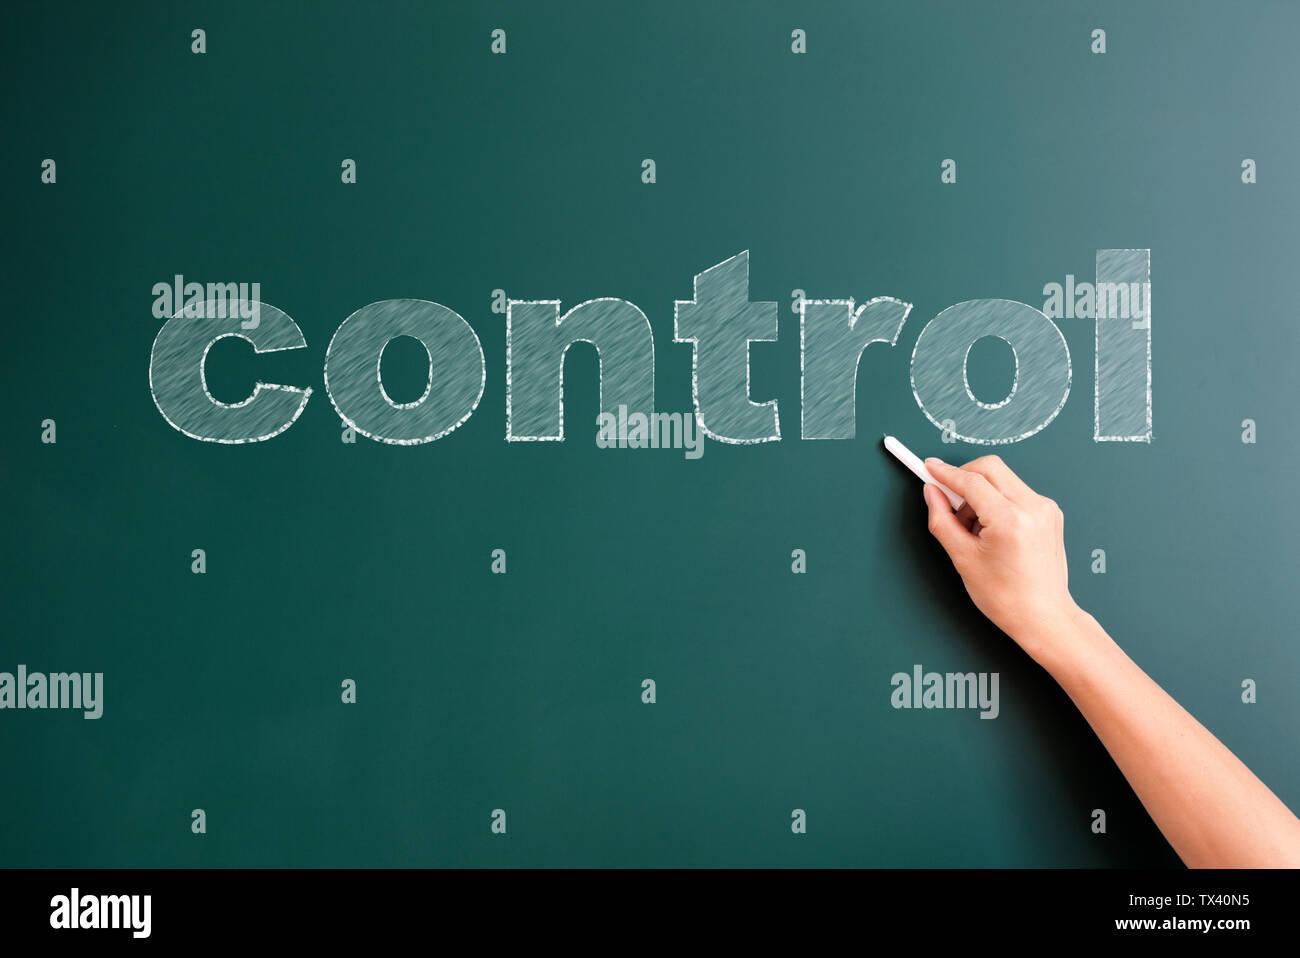 Tableau de contrôle écrit sur Photo Stock